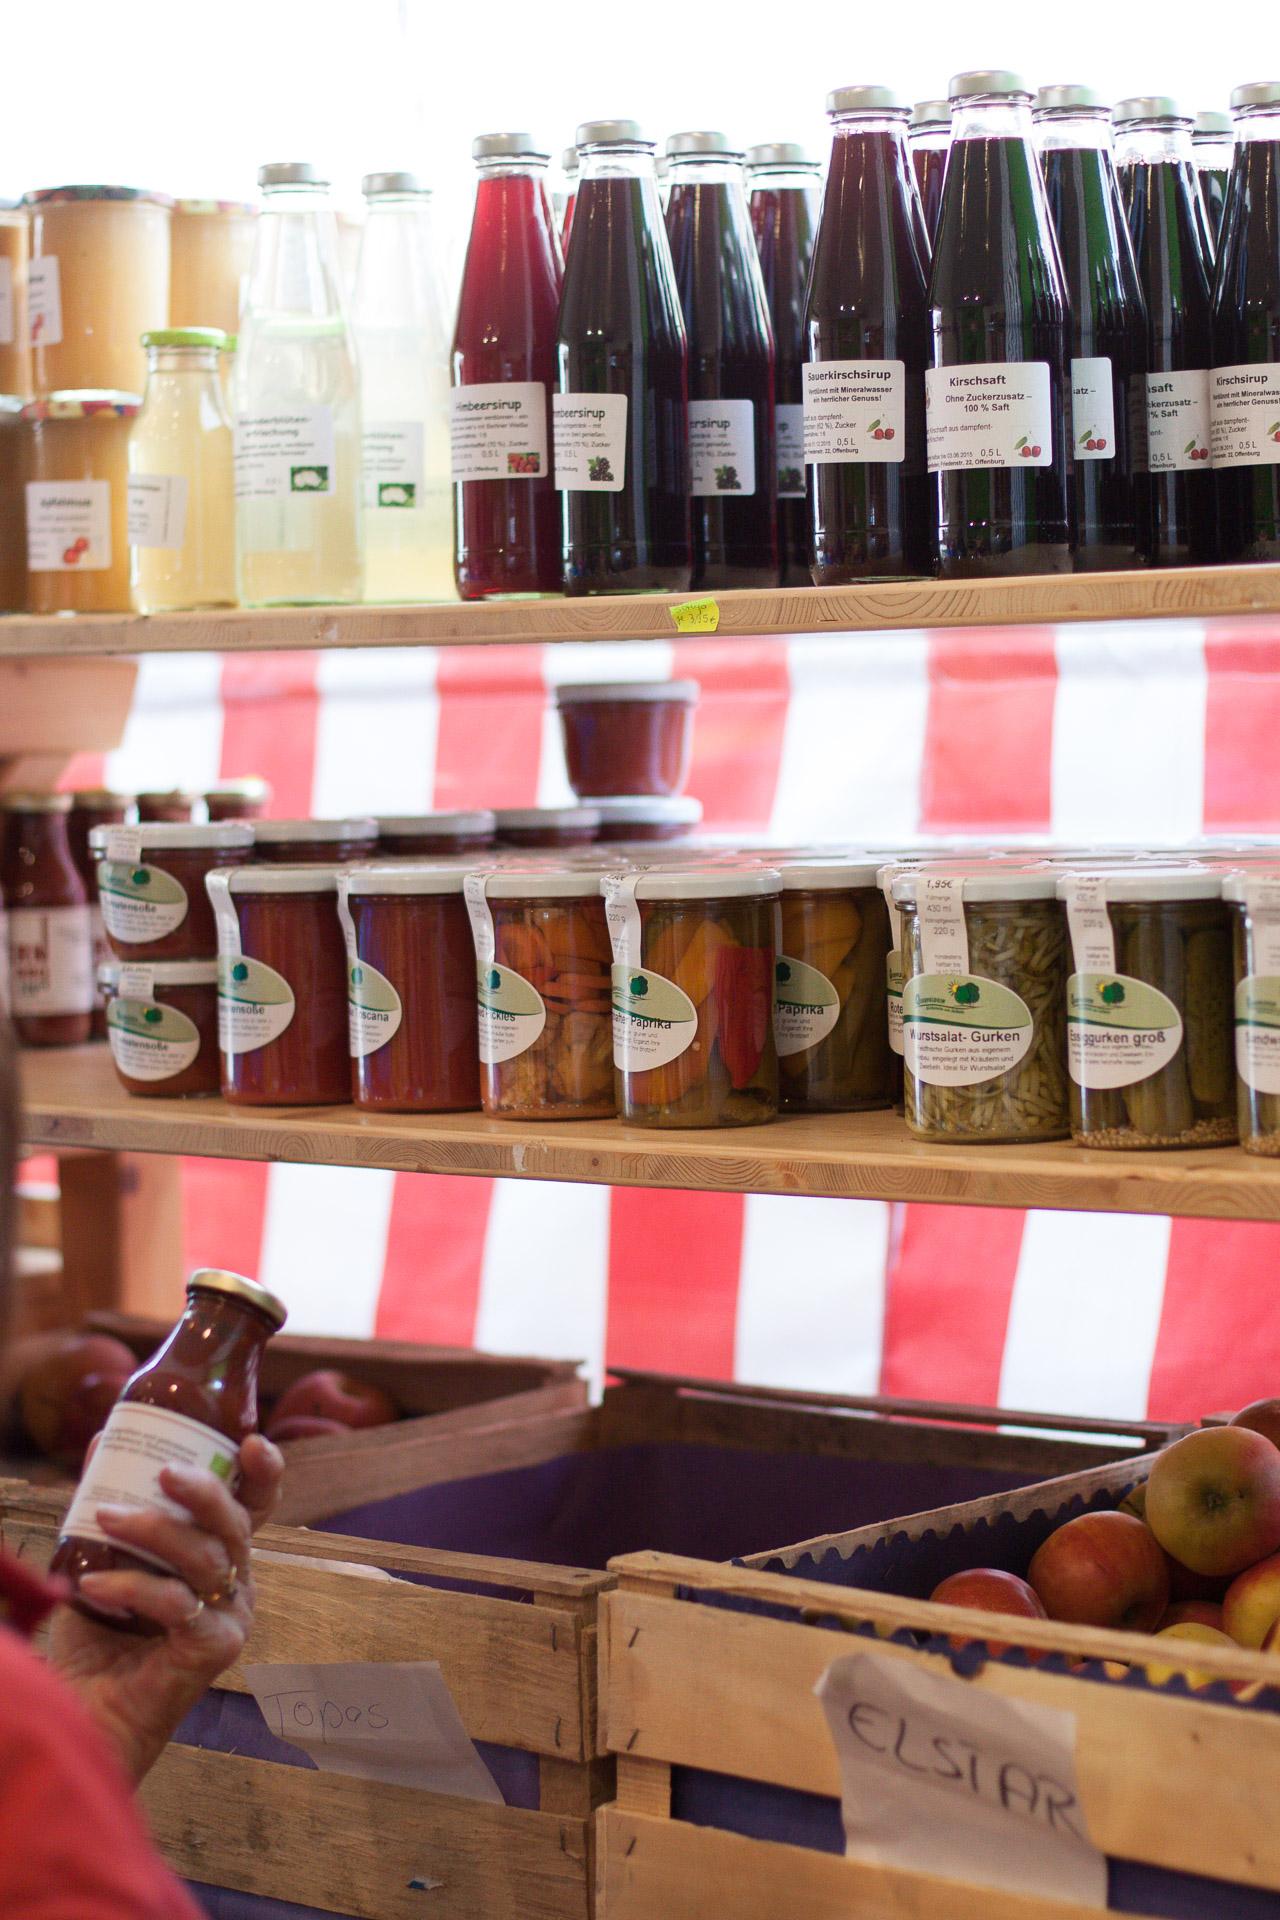 Weitere von uns frisch hergestellte Säfte und Sirupe finden Sie in unserem Bauernladen.